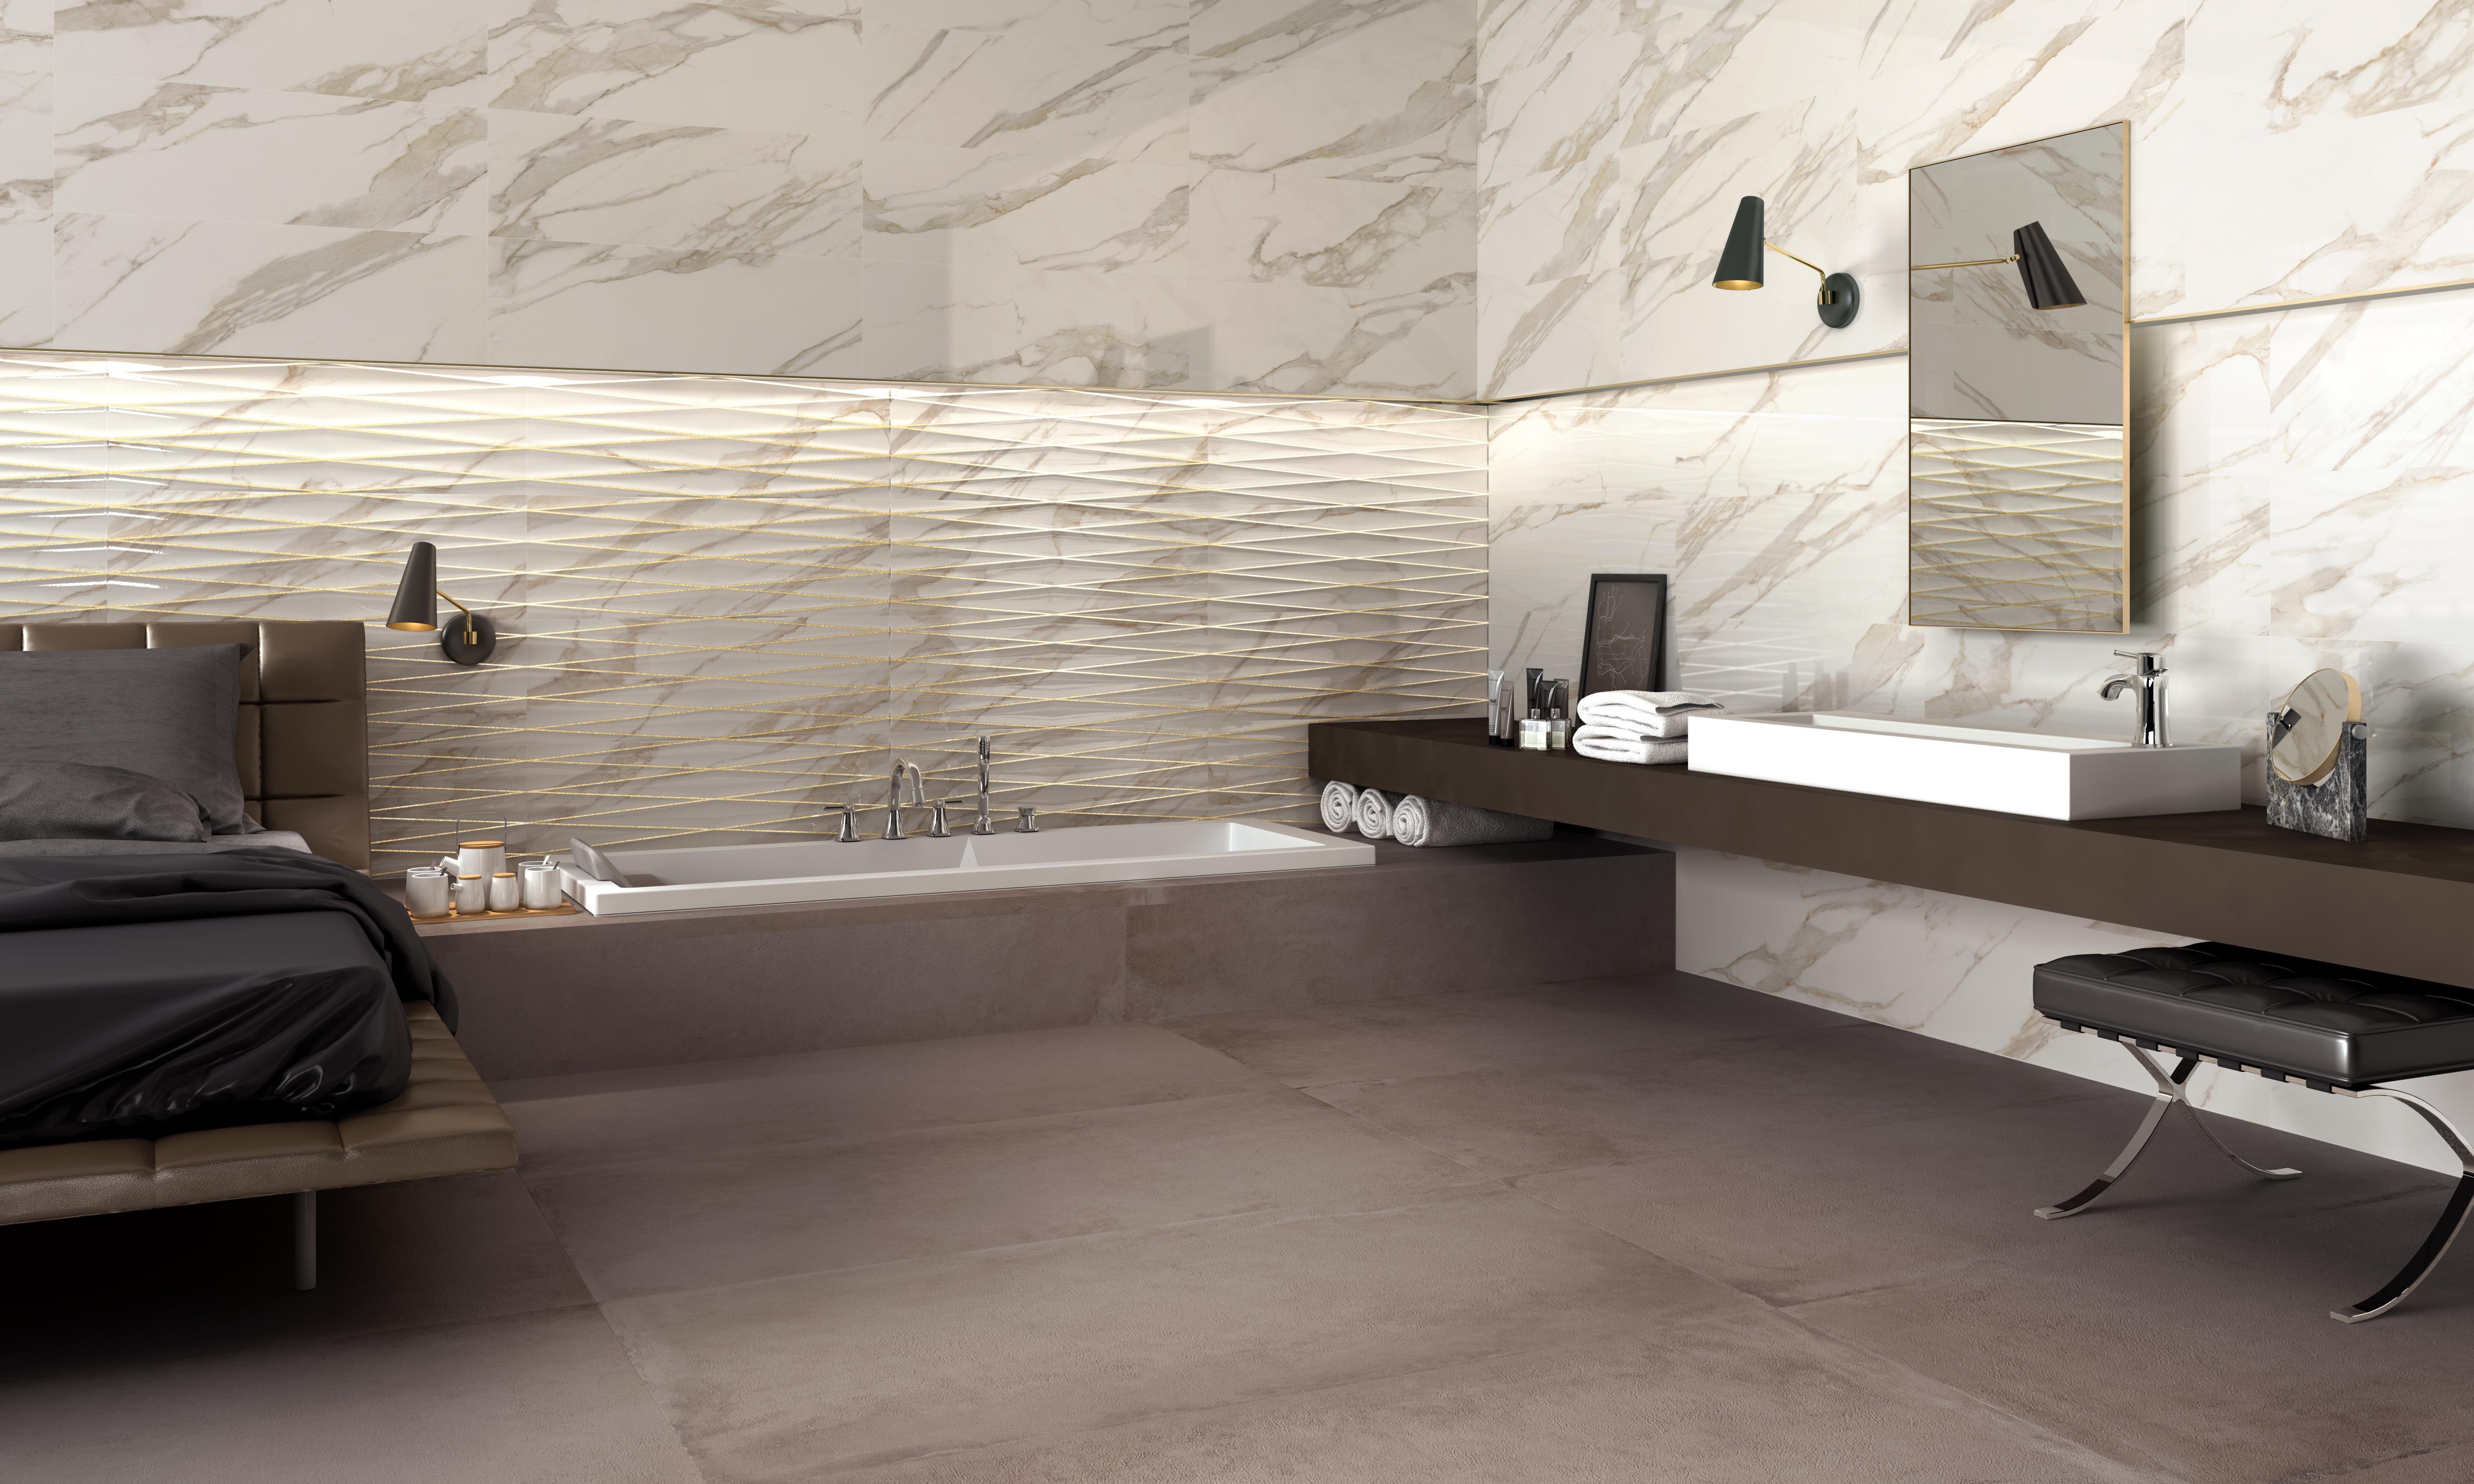 Hotel bagno in gres porcellanato effetto marmo for Bagno effetto marmo